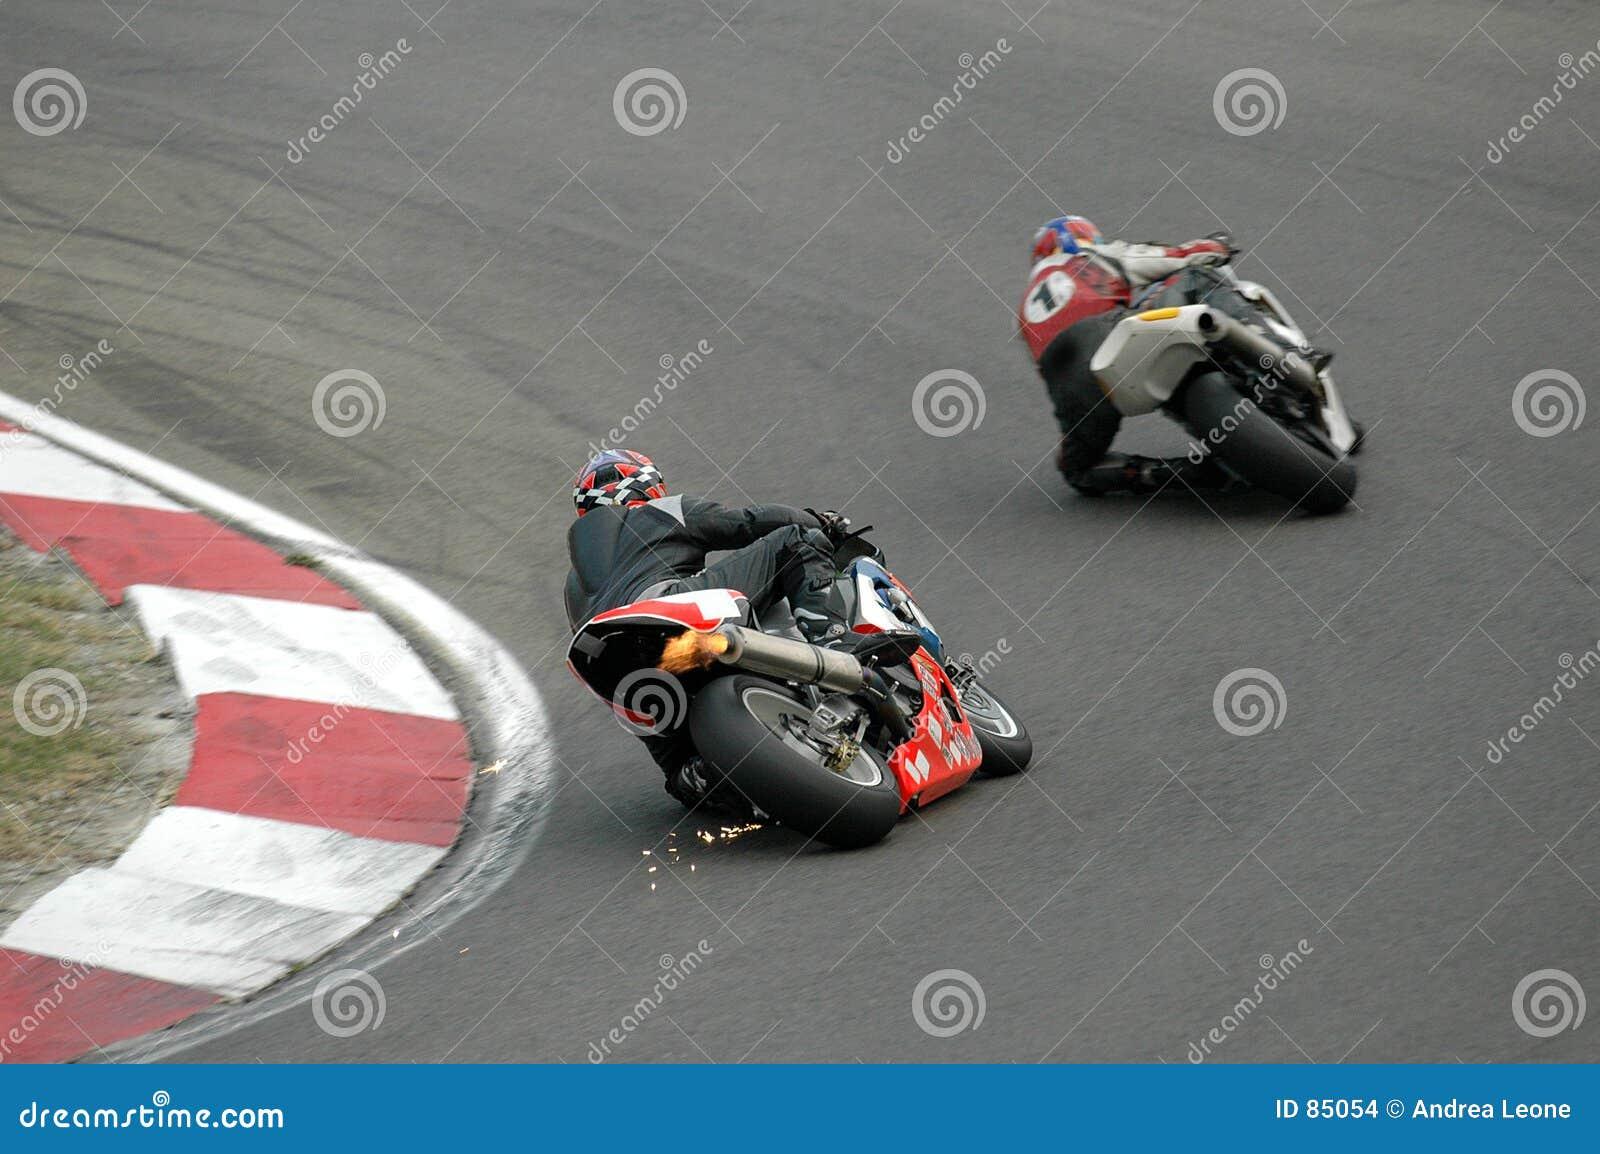 участвовать в гонке мотовелосипедов